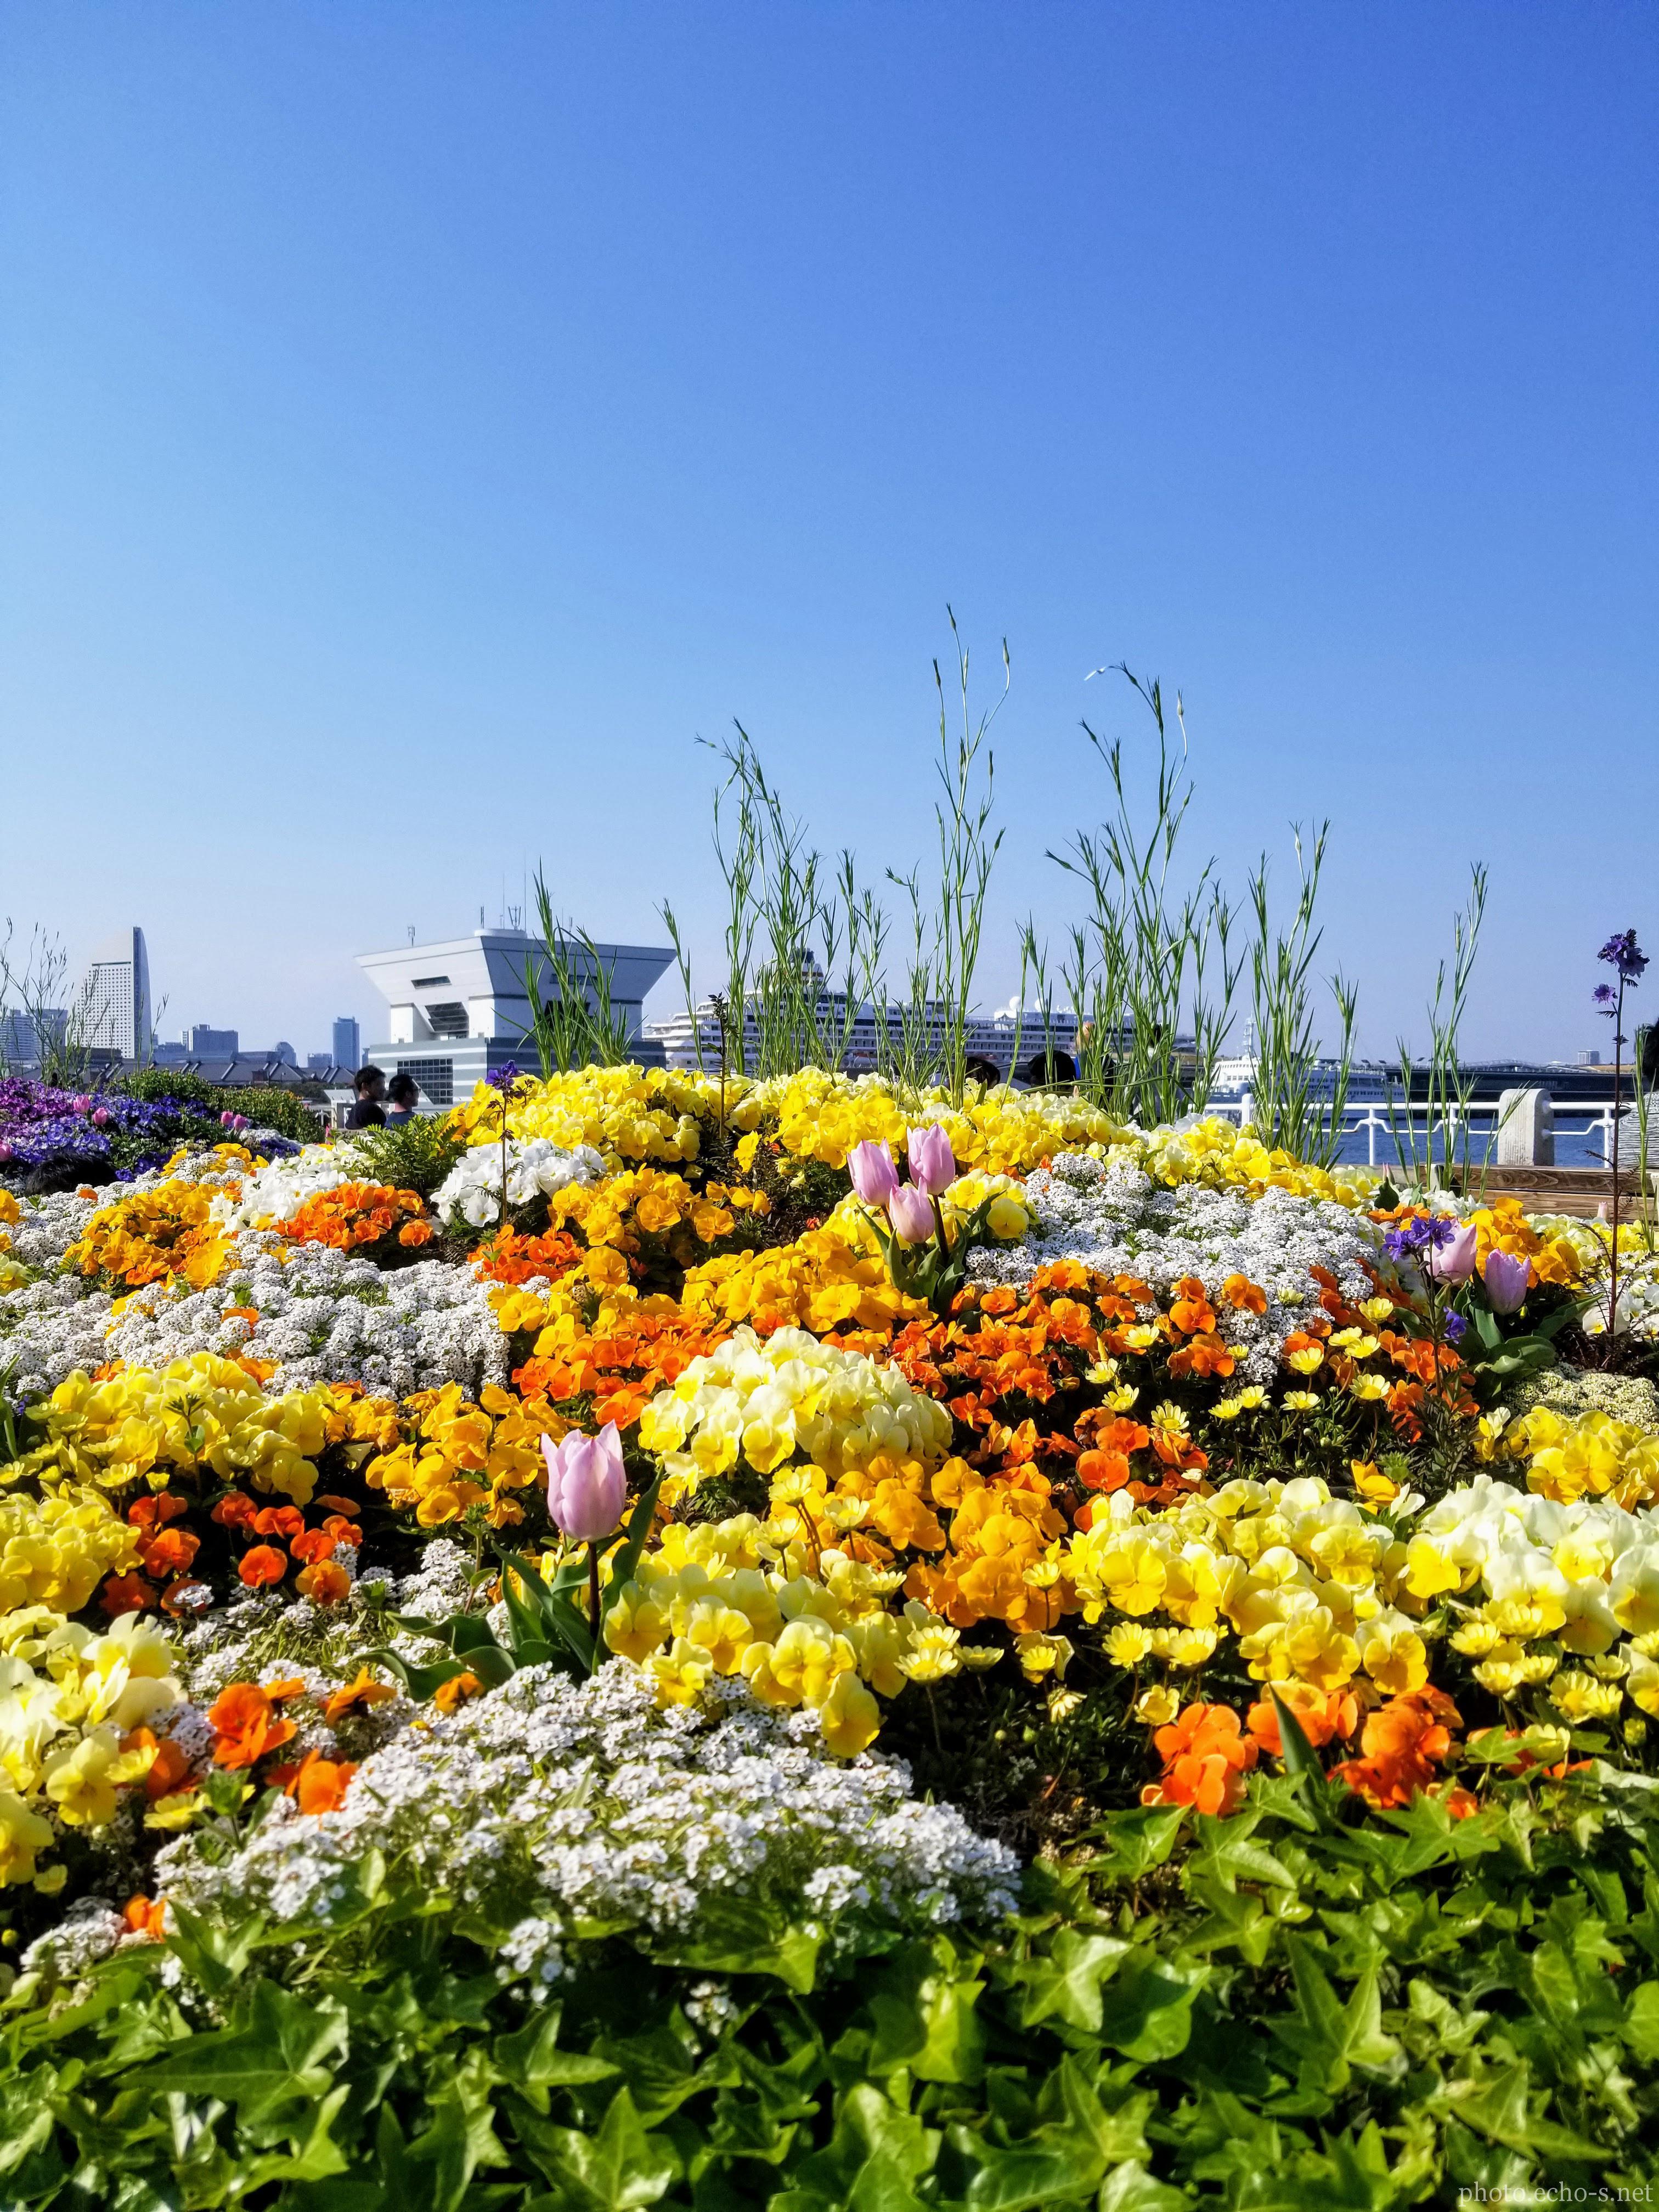 横浜 山下公園 広場 花壇 マリーゴールド